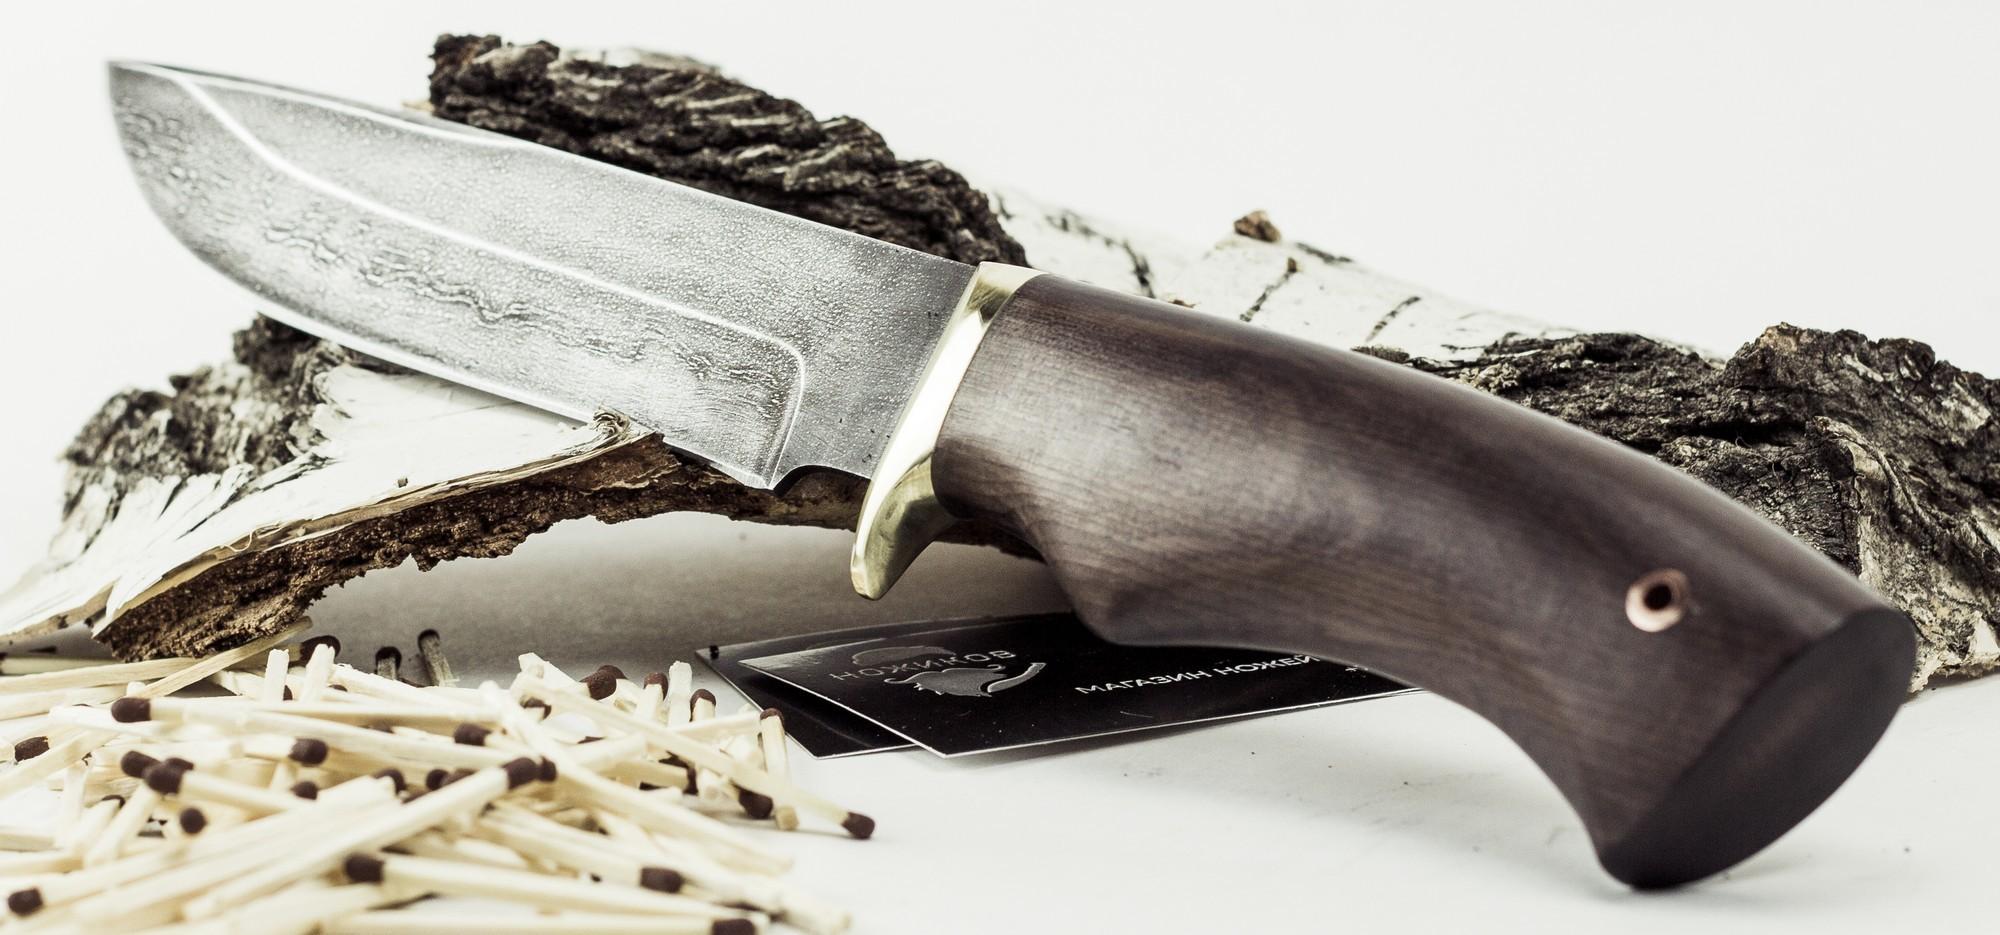 Фото 15 - Нож Викинг-2, ХВ5 от Промтехснаб